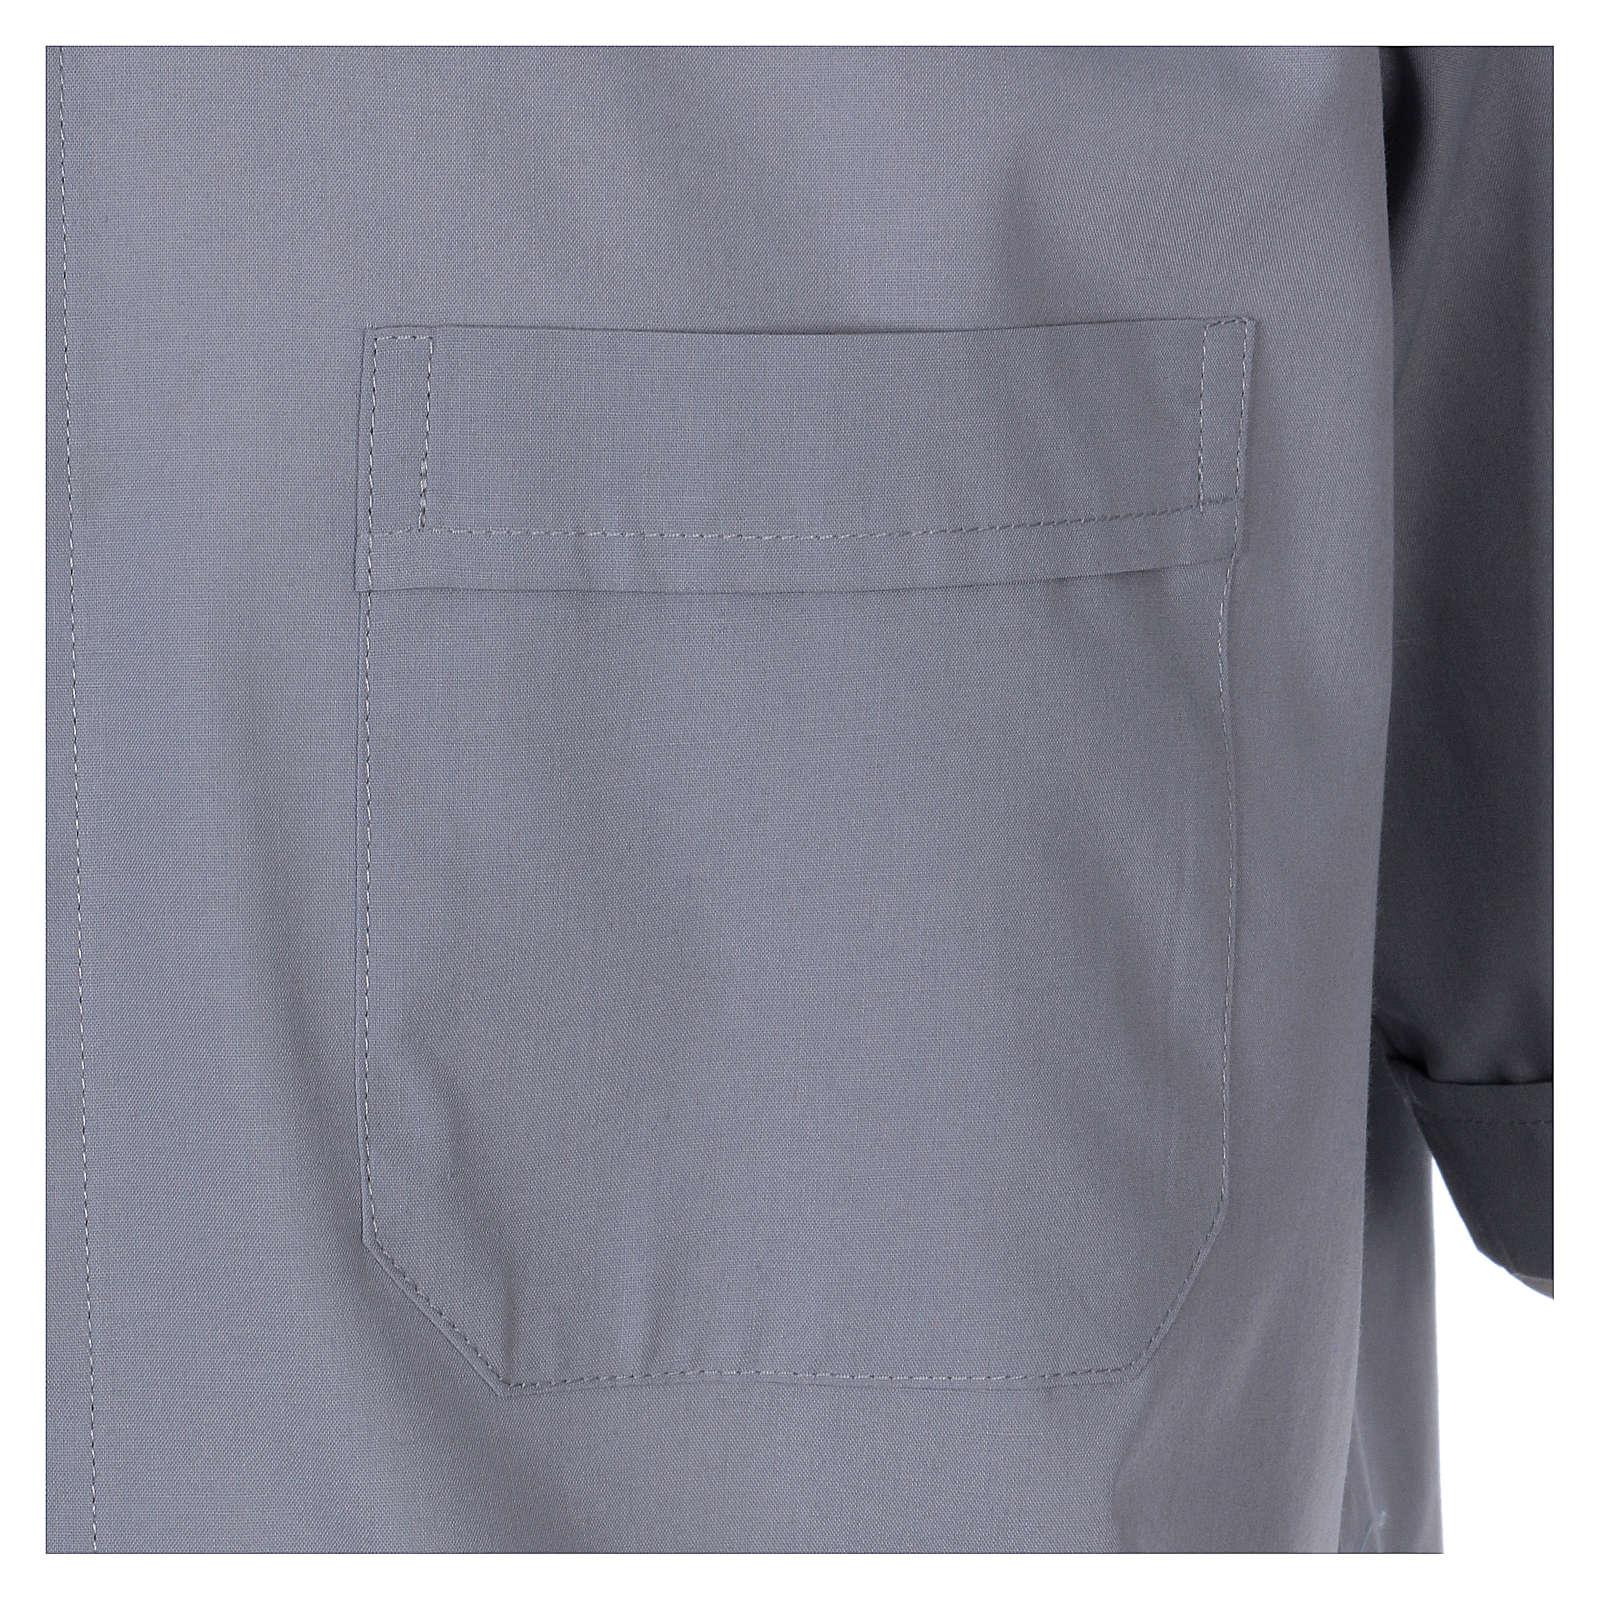 Camisa Clergyman manga curta misto algodão cinzento claro In Primis 4